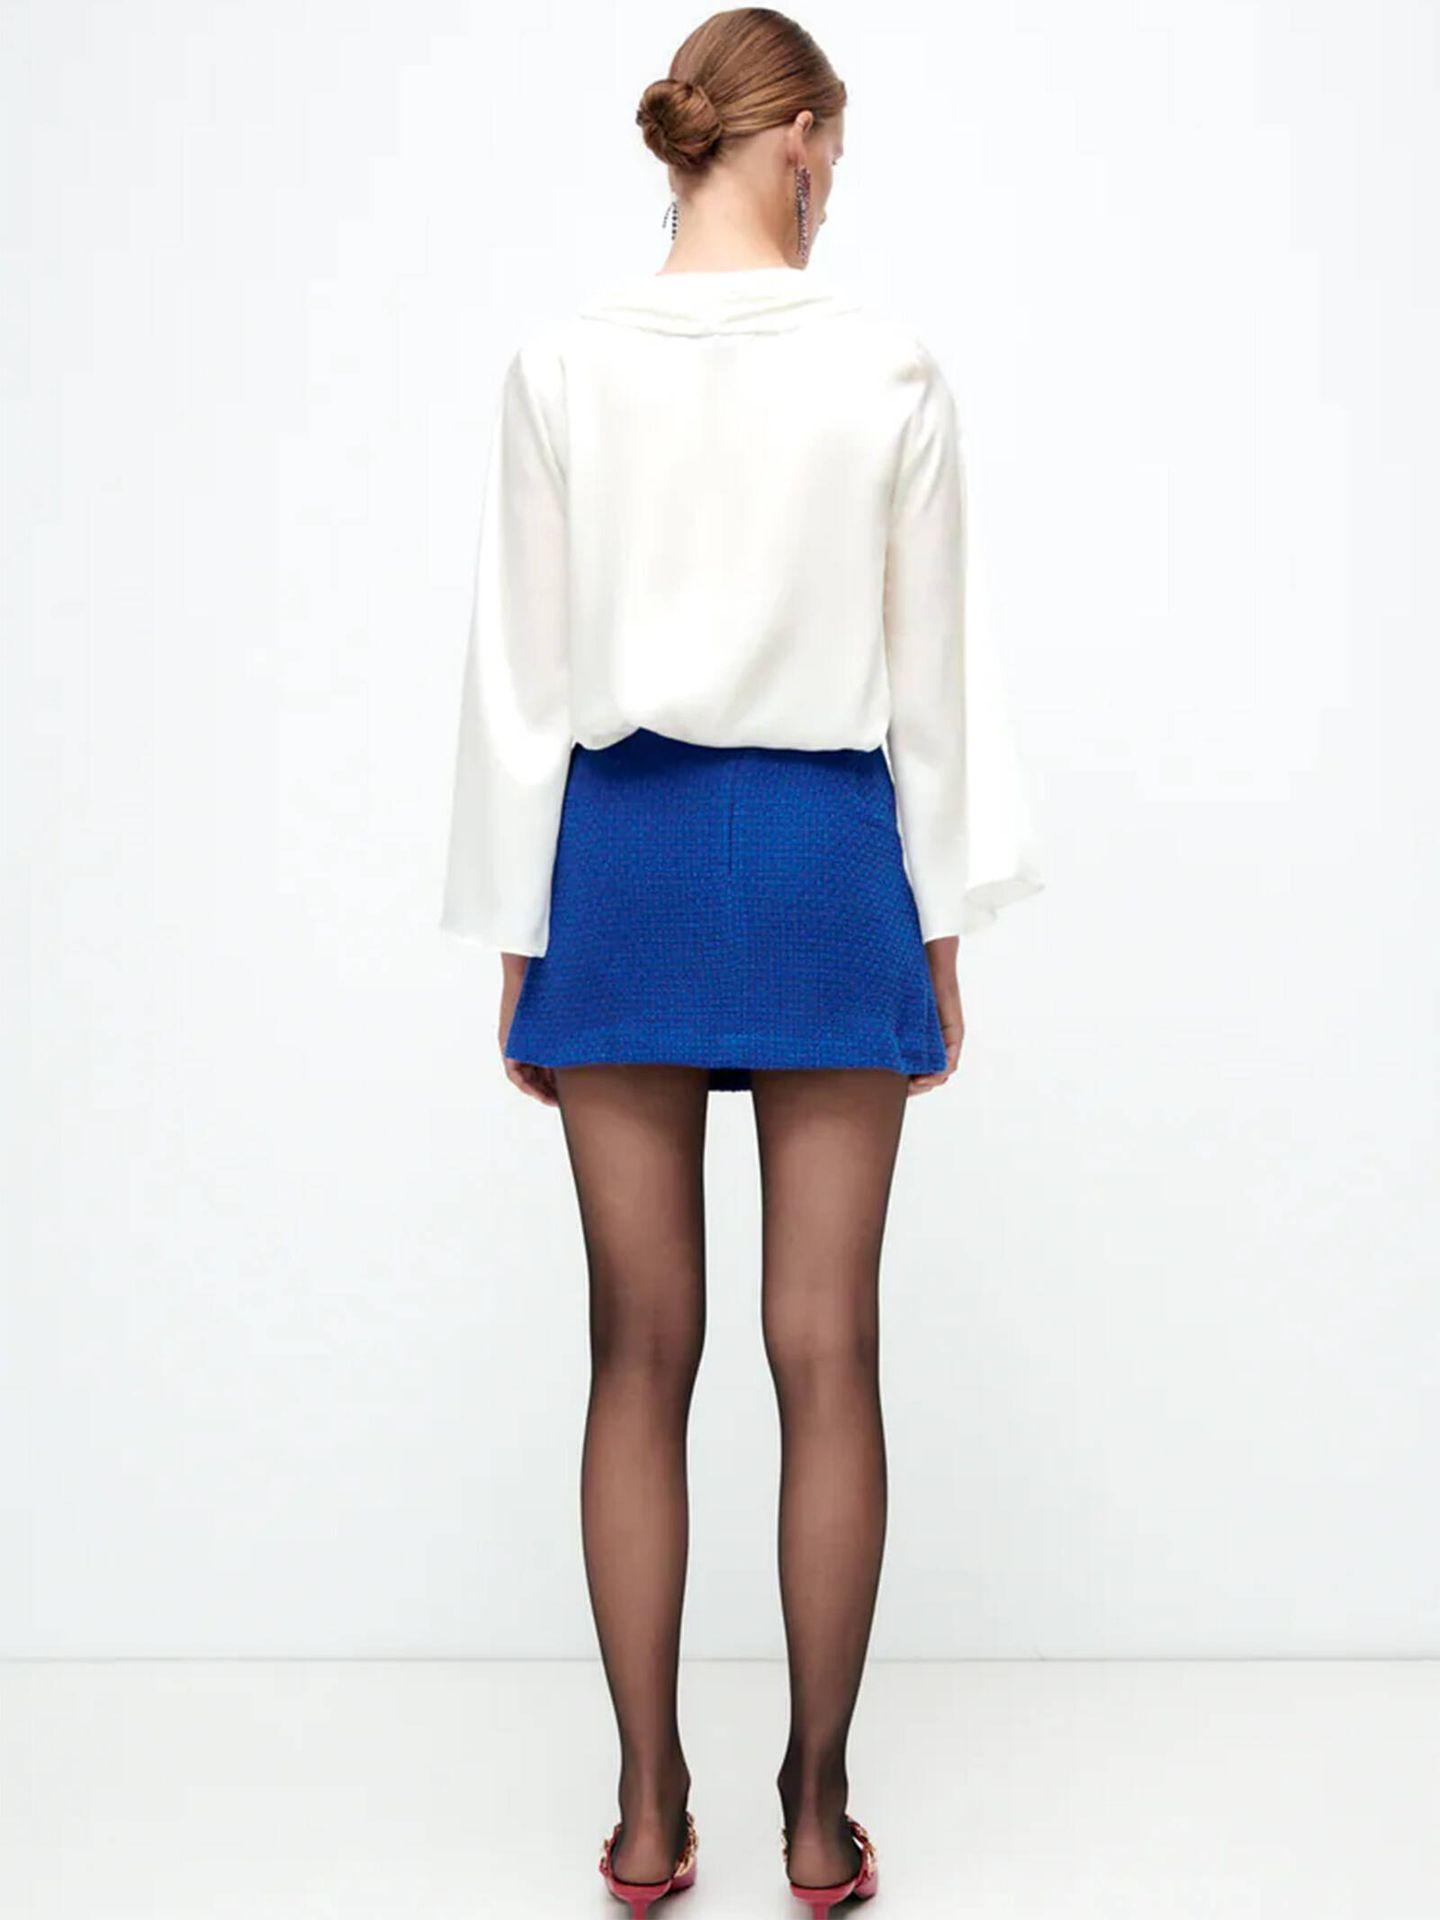 La nueva minifalda de Zara que es un diez de estilo. (Cortesía)